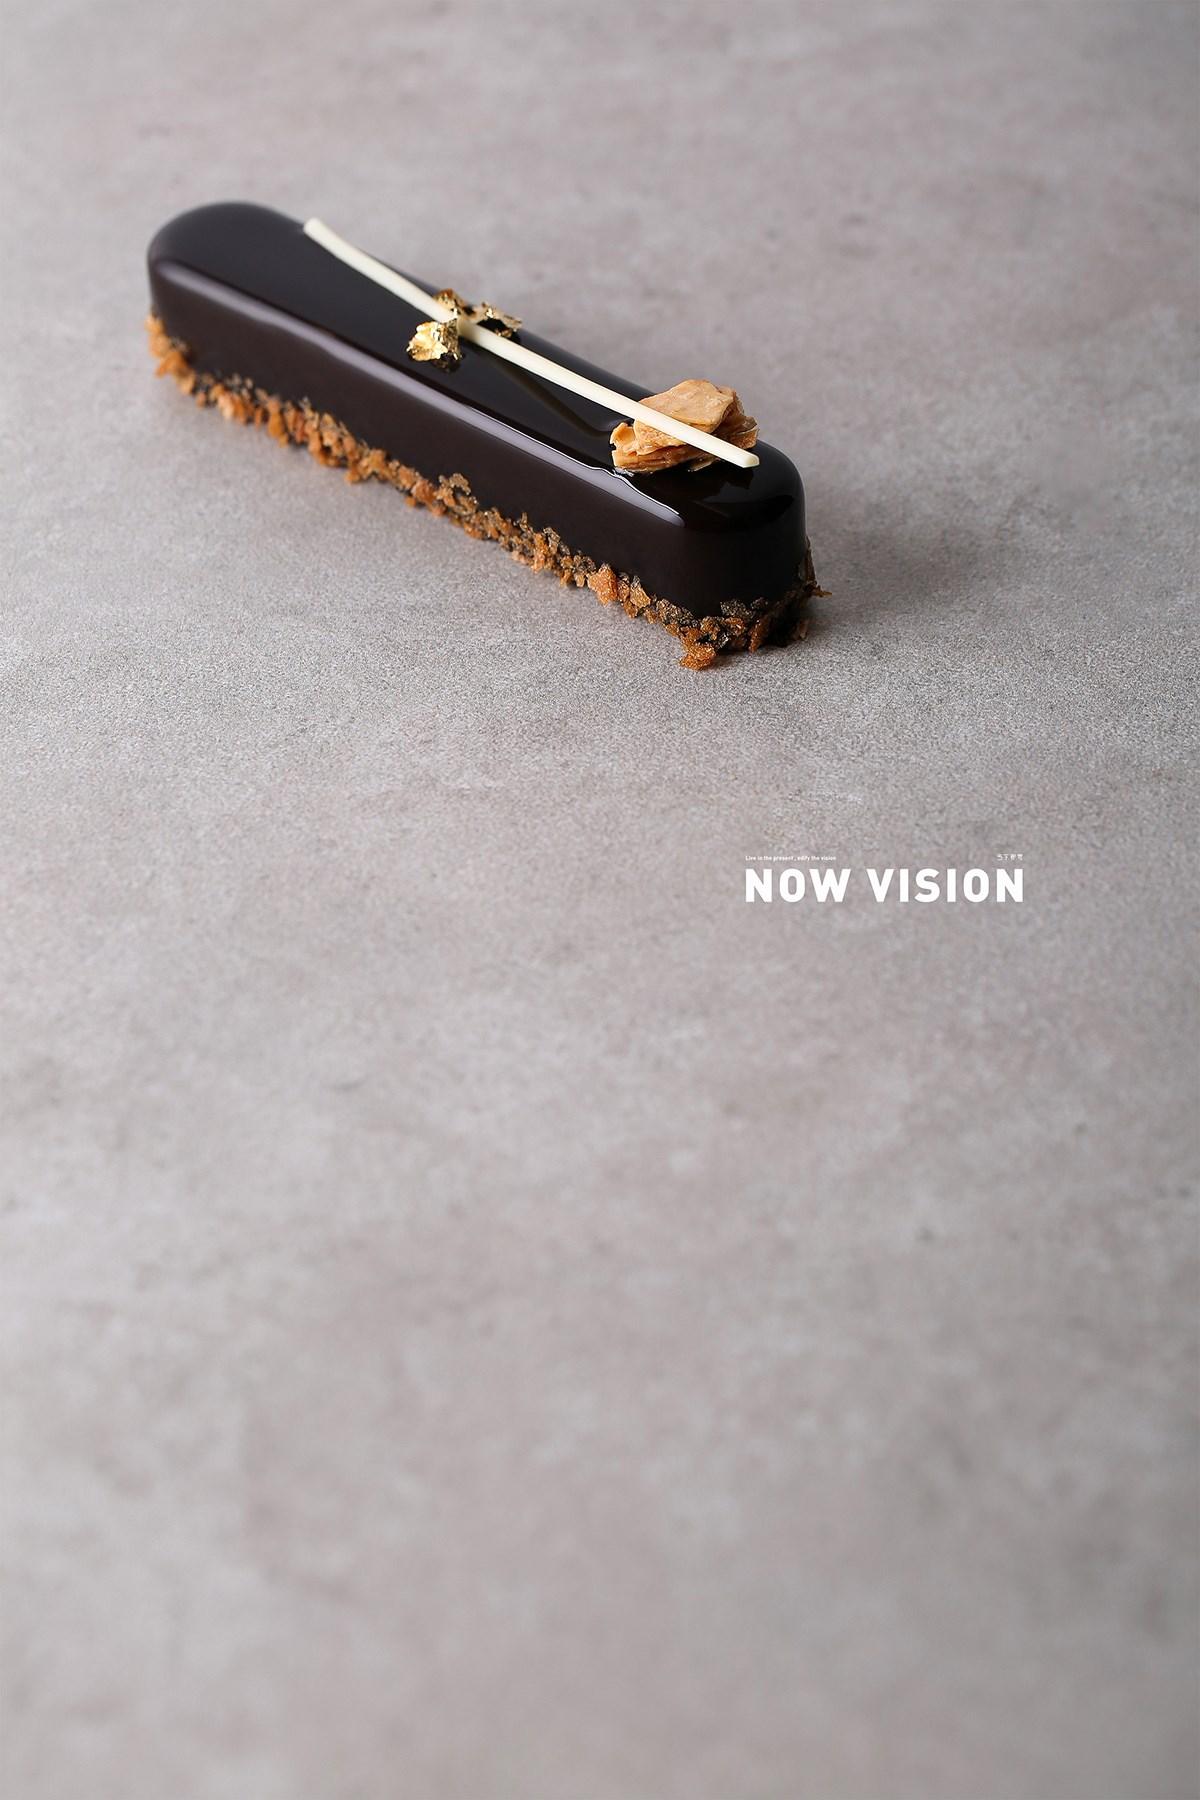 日式烘培店·春光洋菓子全案拍摄设计 | 当下视觉摄影